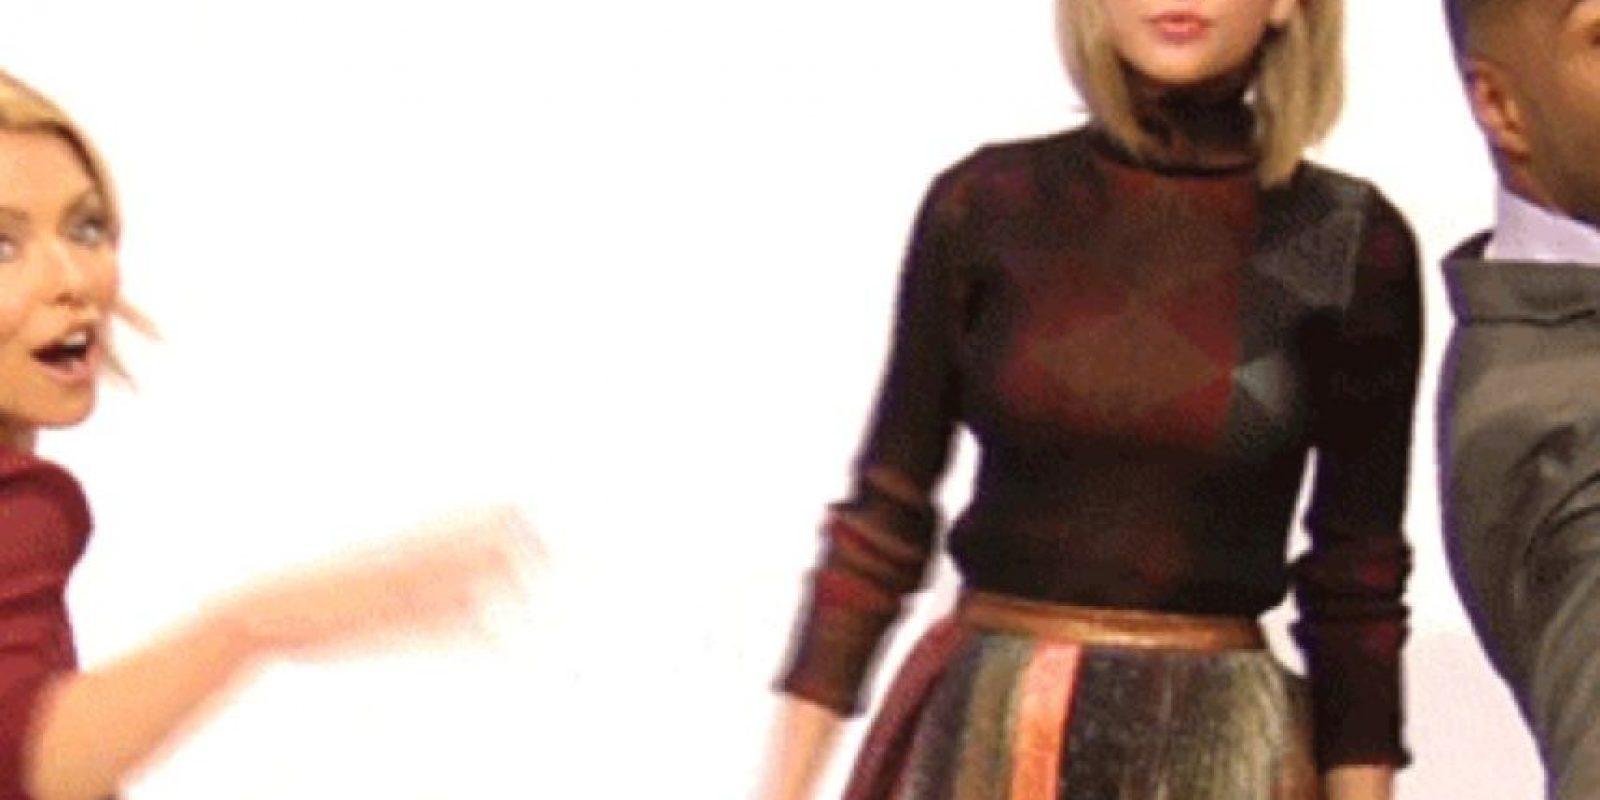 Los invita a sus videos. Foto:vía VEVO/Taylor Swift